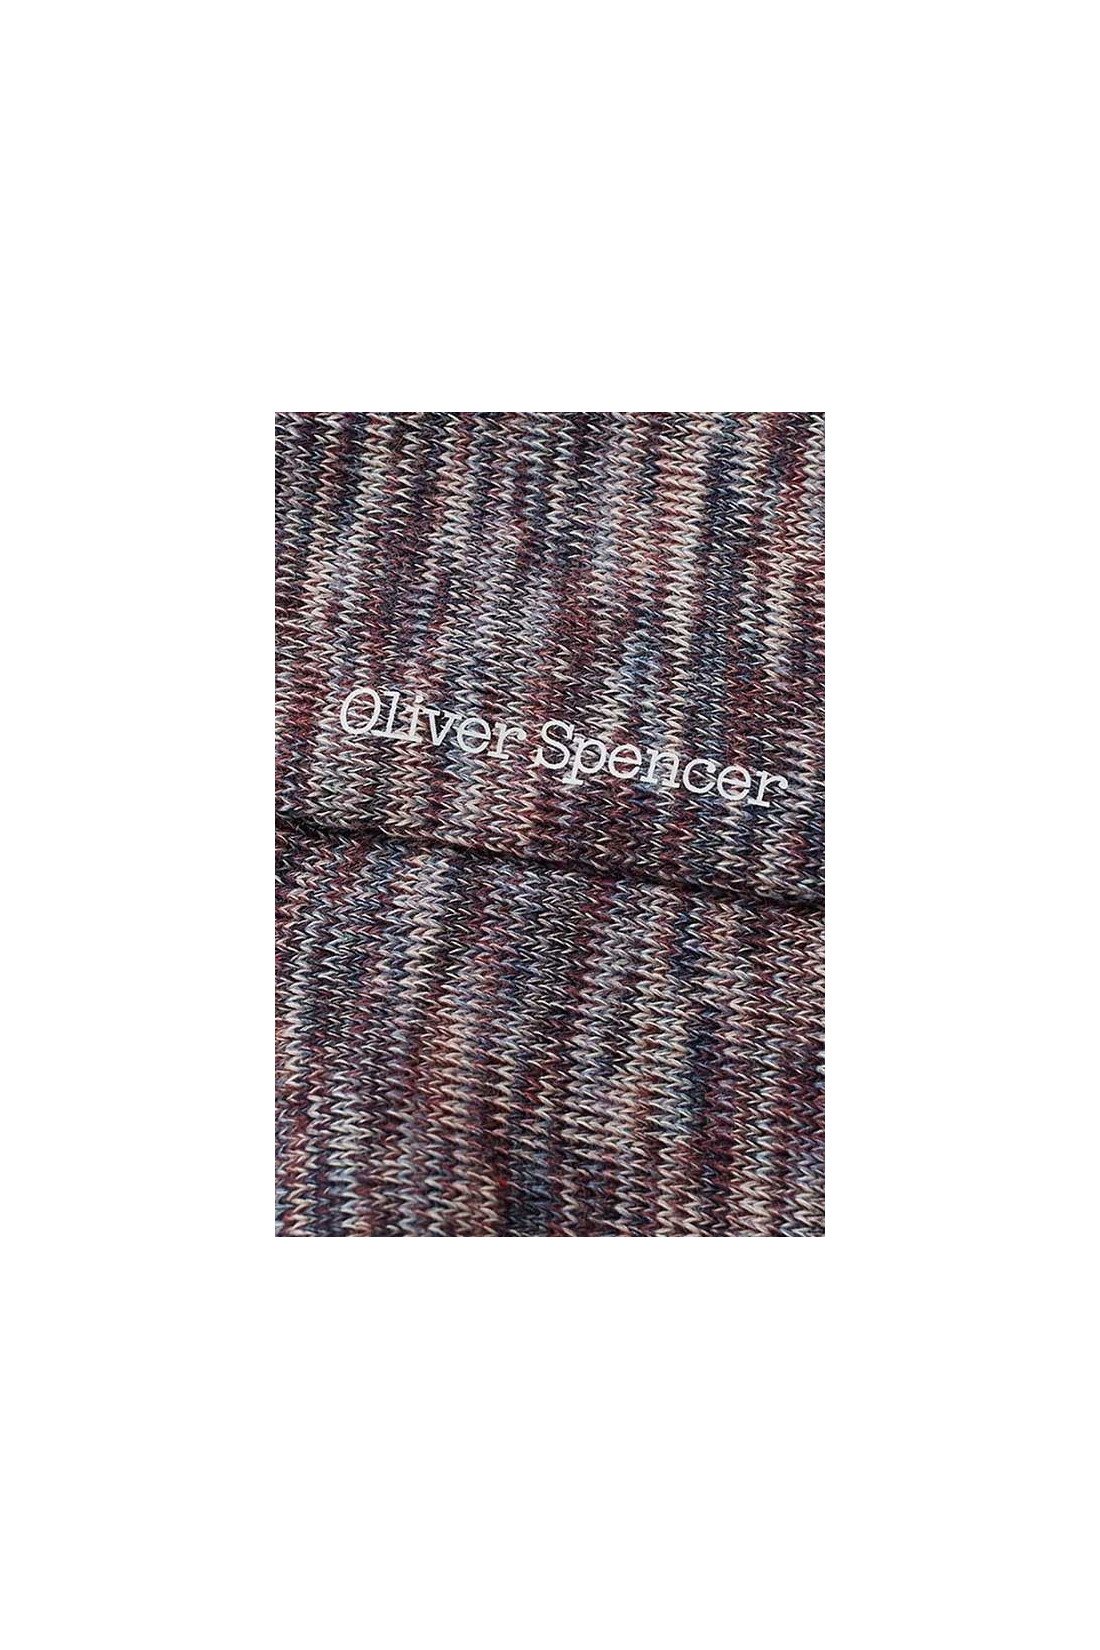 OLIVER SPENCER / Miller socks Pink blue